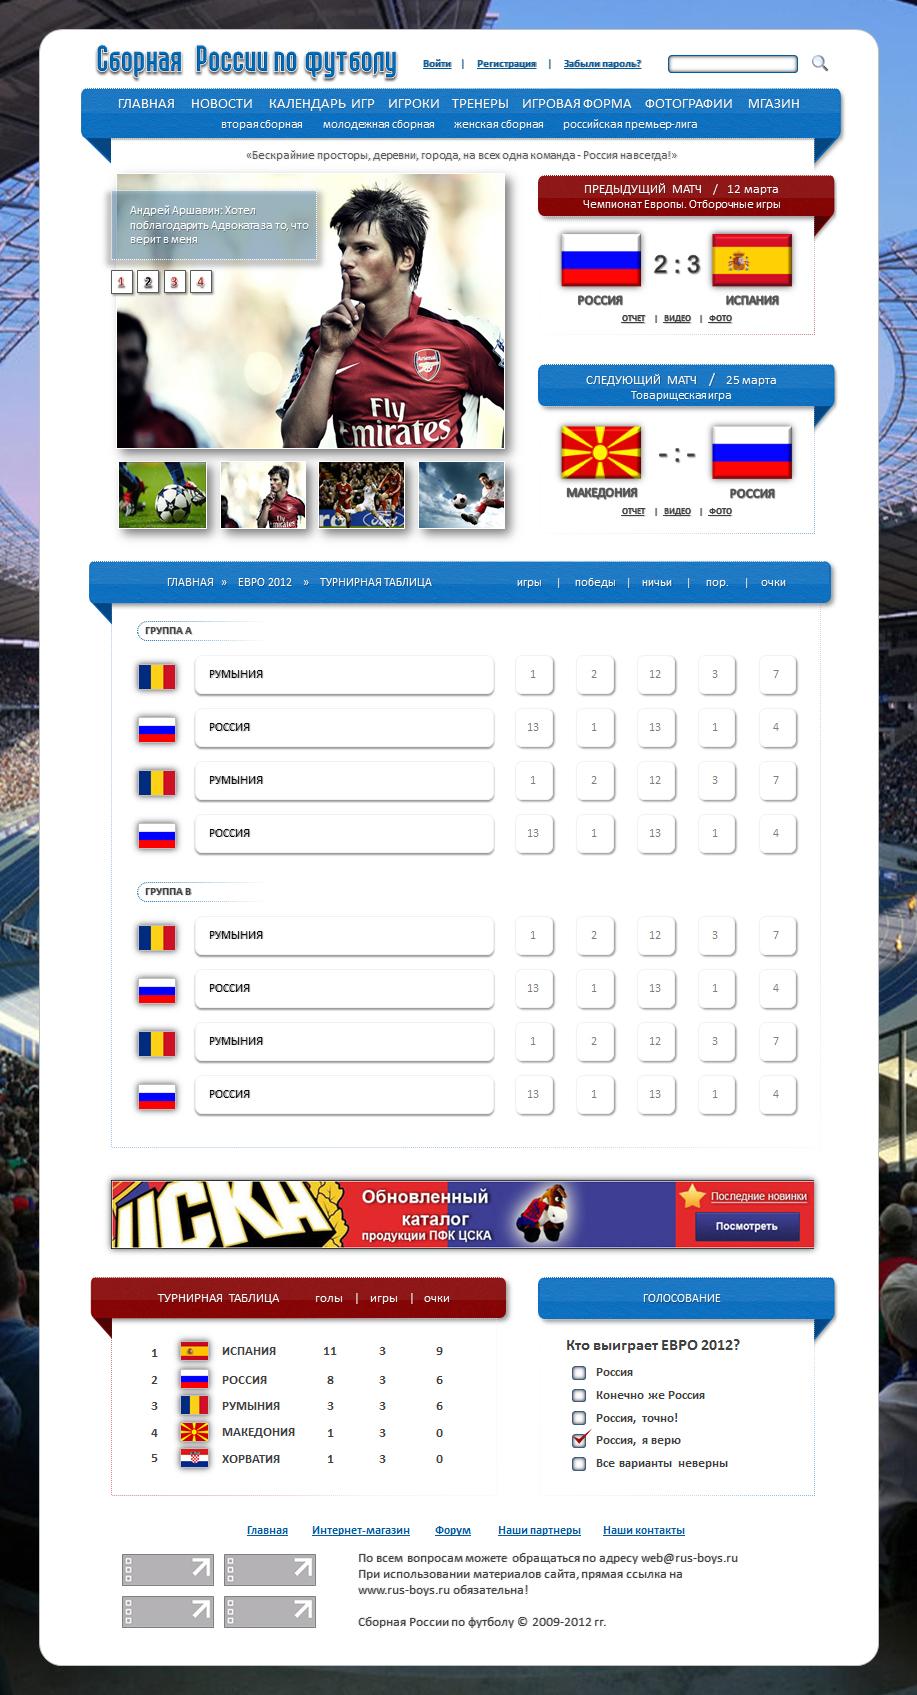 таблица евро 2012 по россии